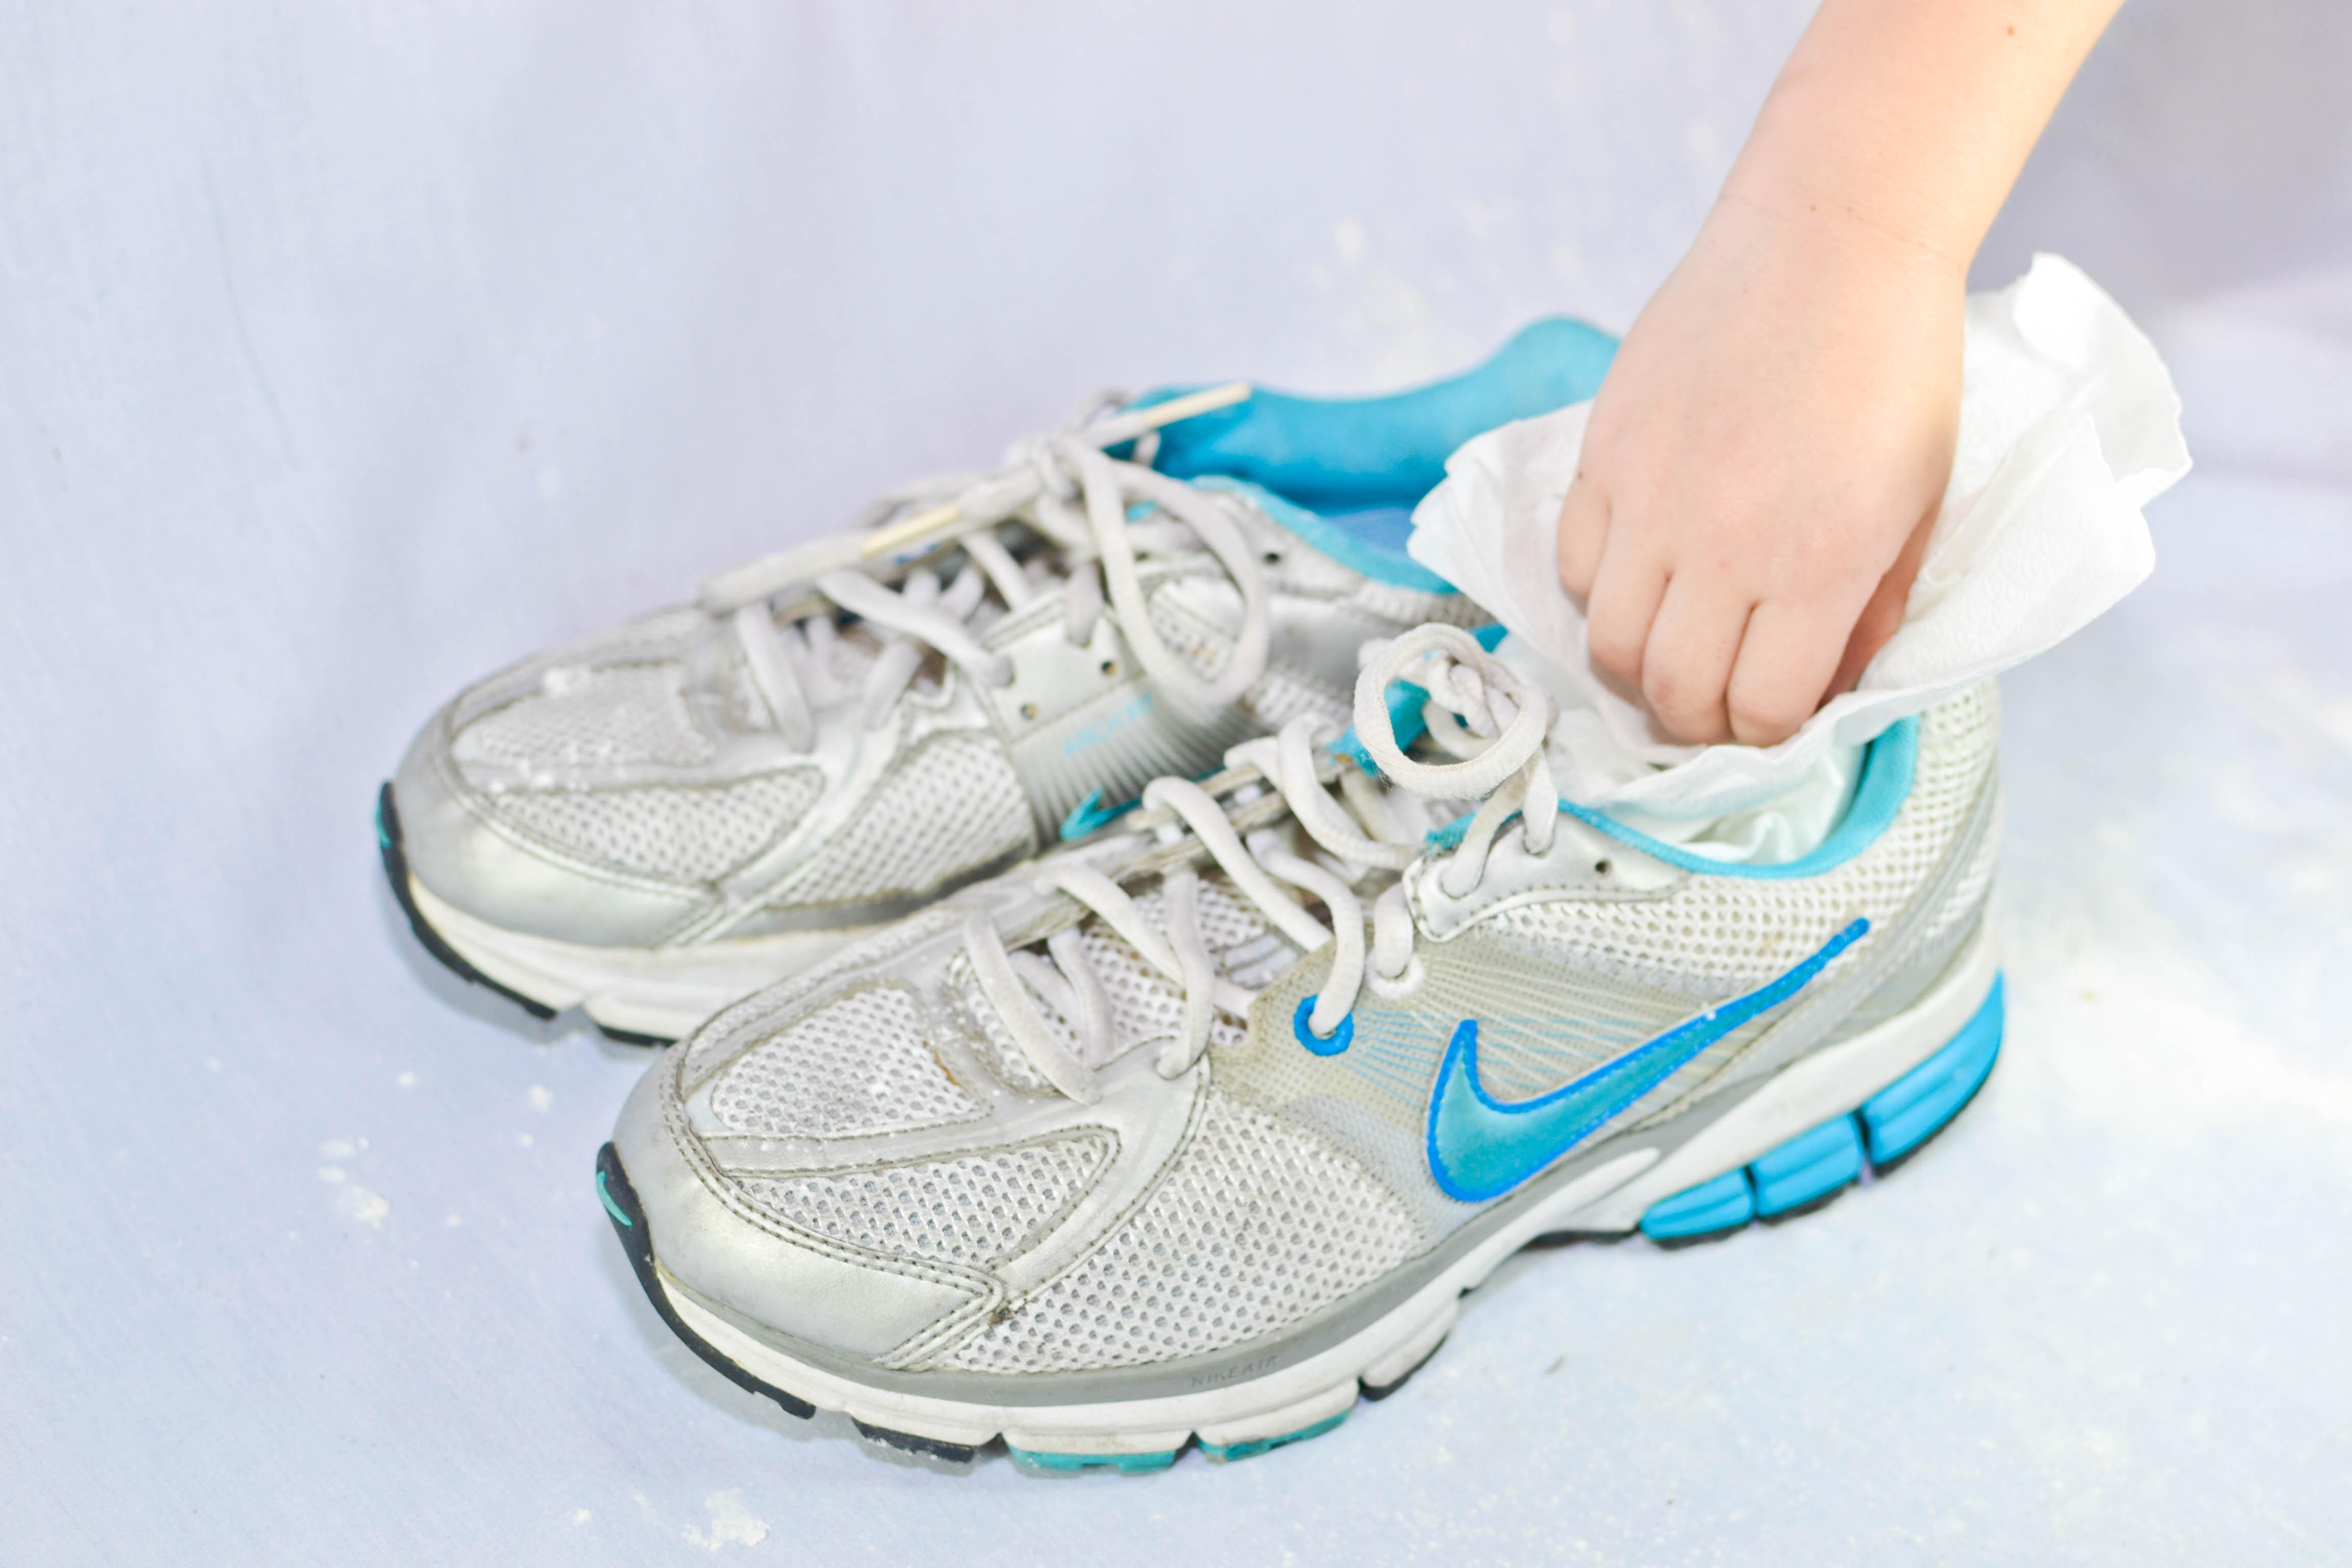 Бумага поможет быстрее просушить обувь. Фото с сайта www.wikihow.com